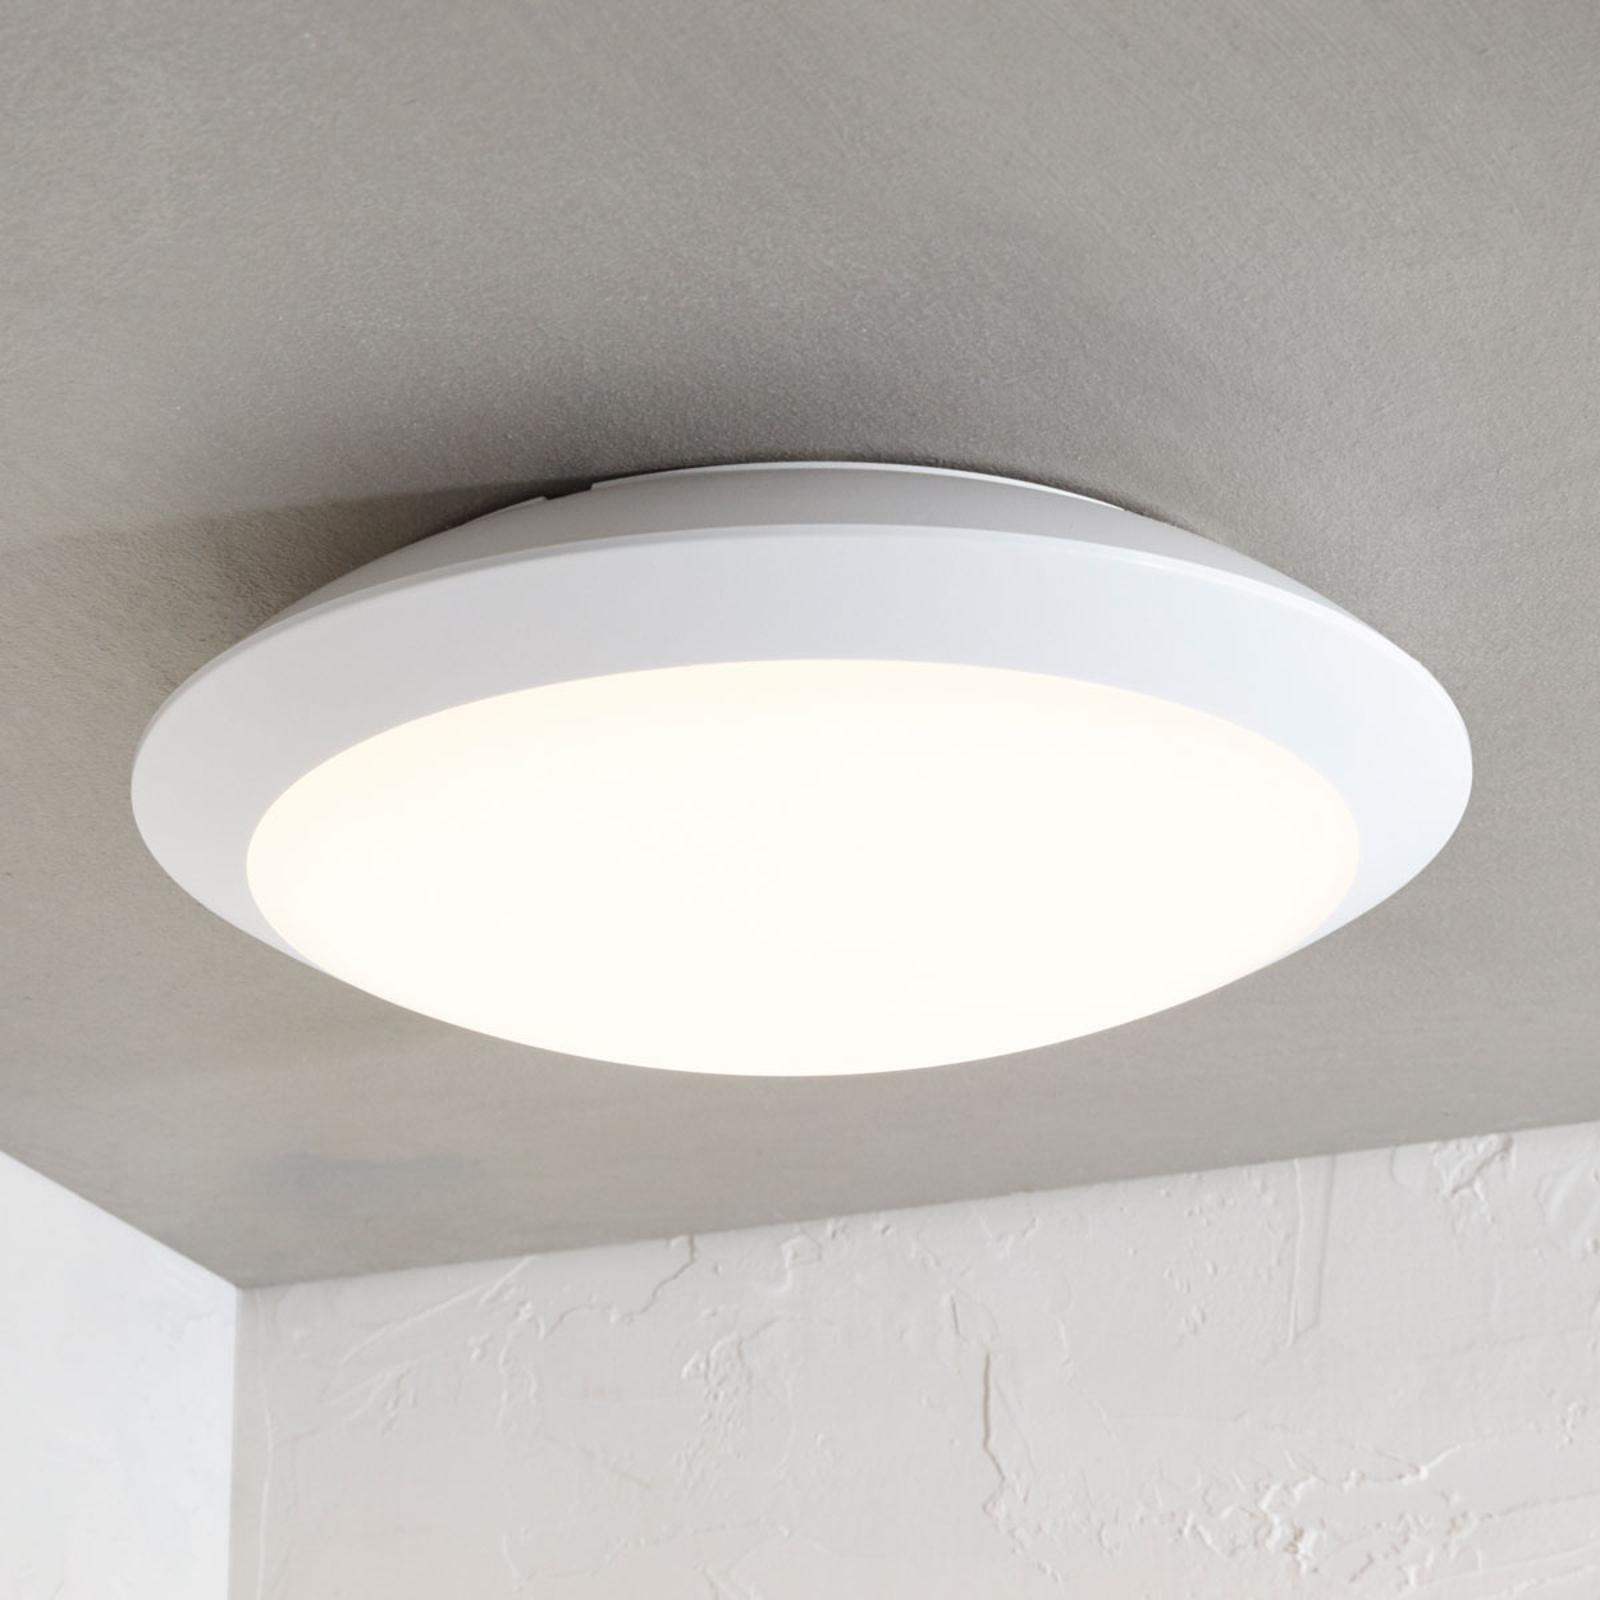 LED-ulkokattovalaisin Naira, valkoinen, ei anturia